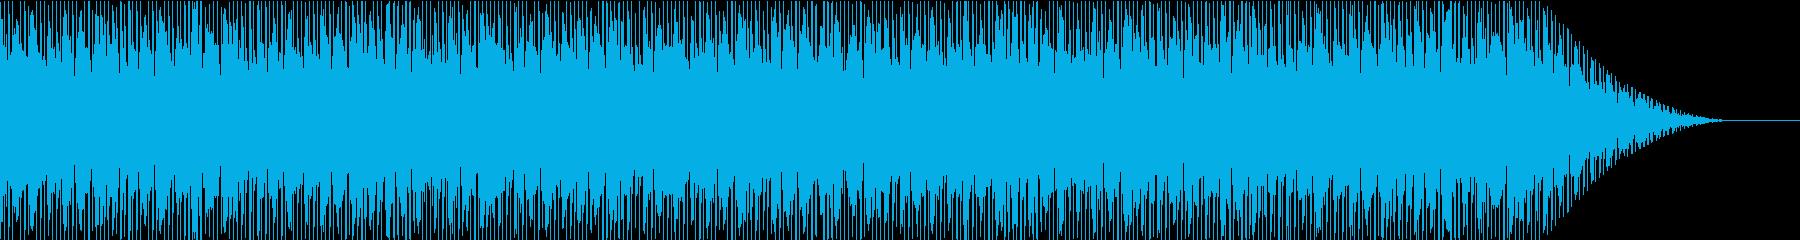 90年代を意識したヒップホップの再生済みの波形